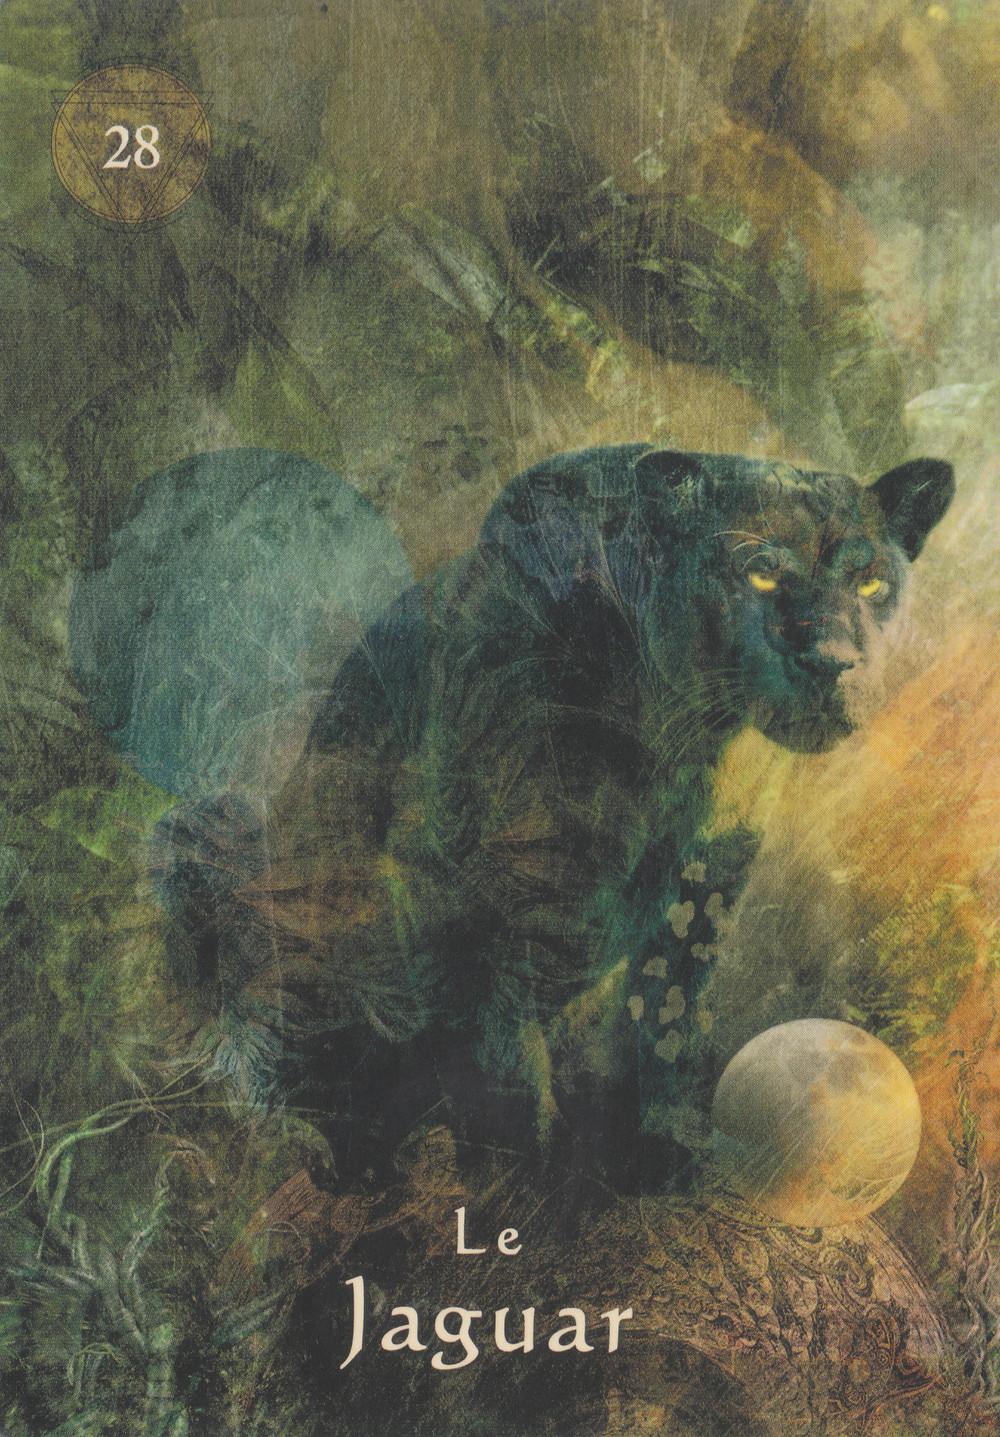 Carte de L'Oracle du Chaman Mystique, d'Alberto Villoldo - Energies du 19 au 25 avril 2021 (Portail 22-4) : Oser se laisser toucher pour sortir de l'ombre